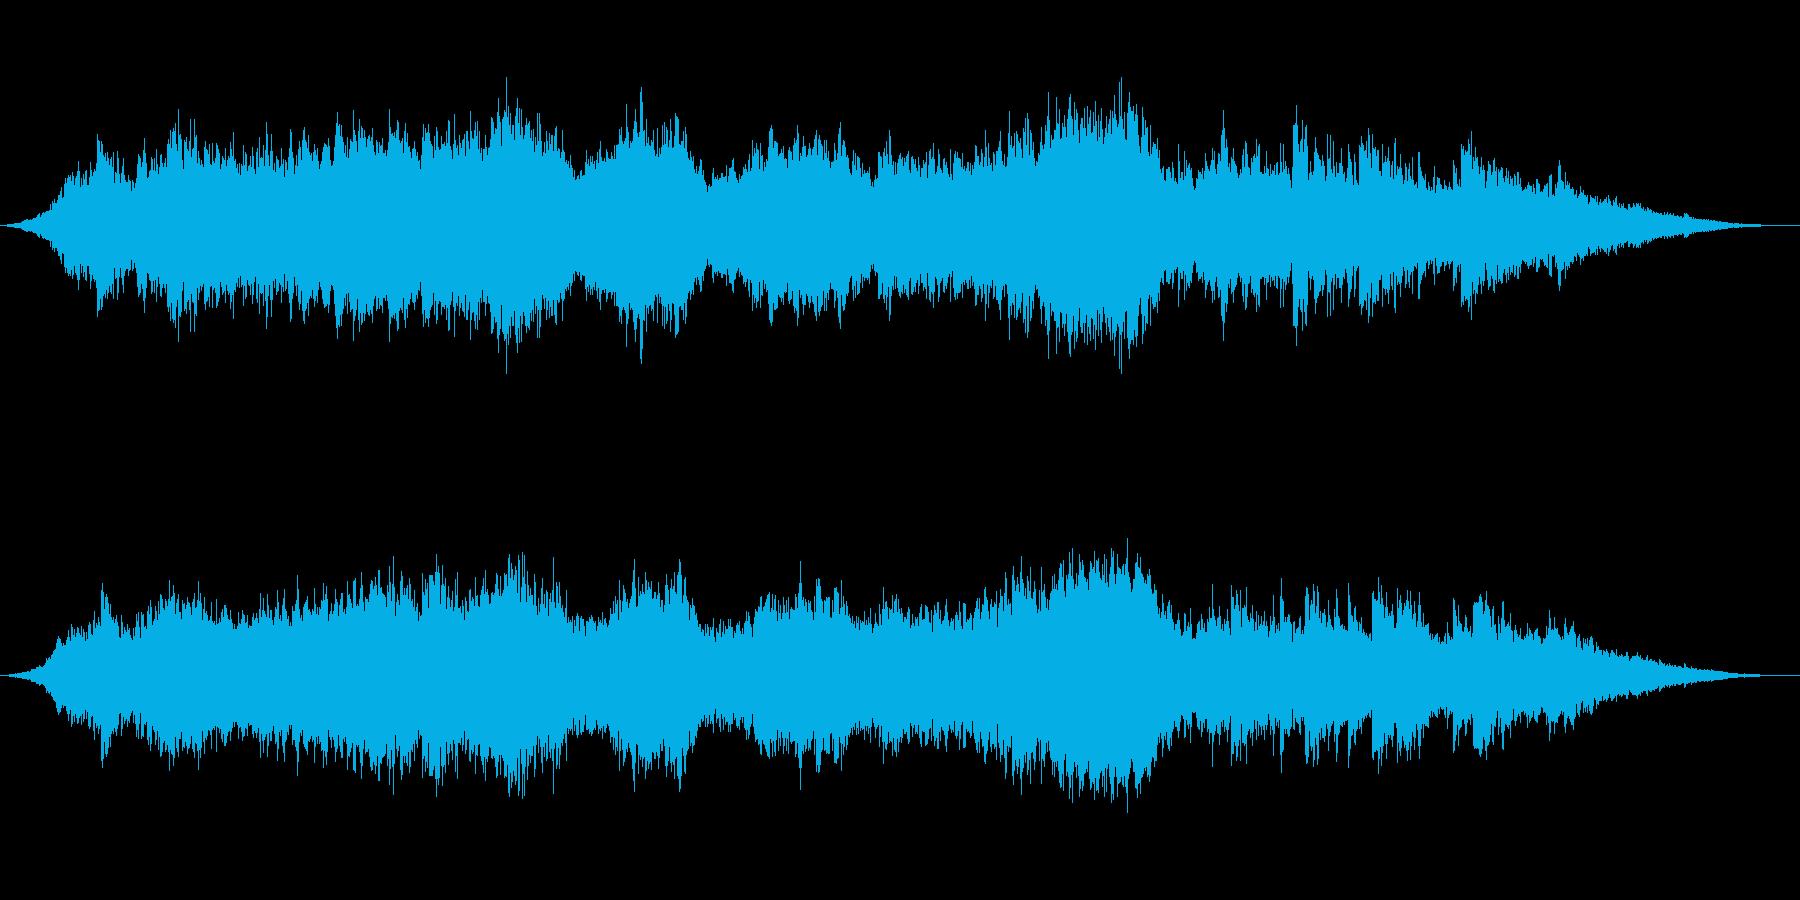 神秘的な雰囲気のアンビエント背景音11の再生済みの波形